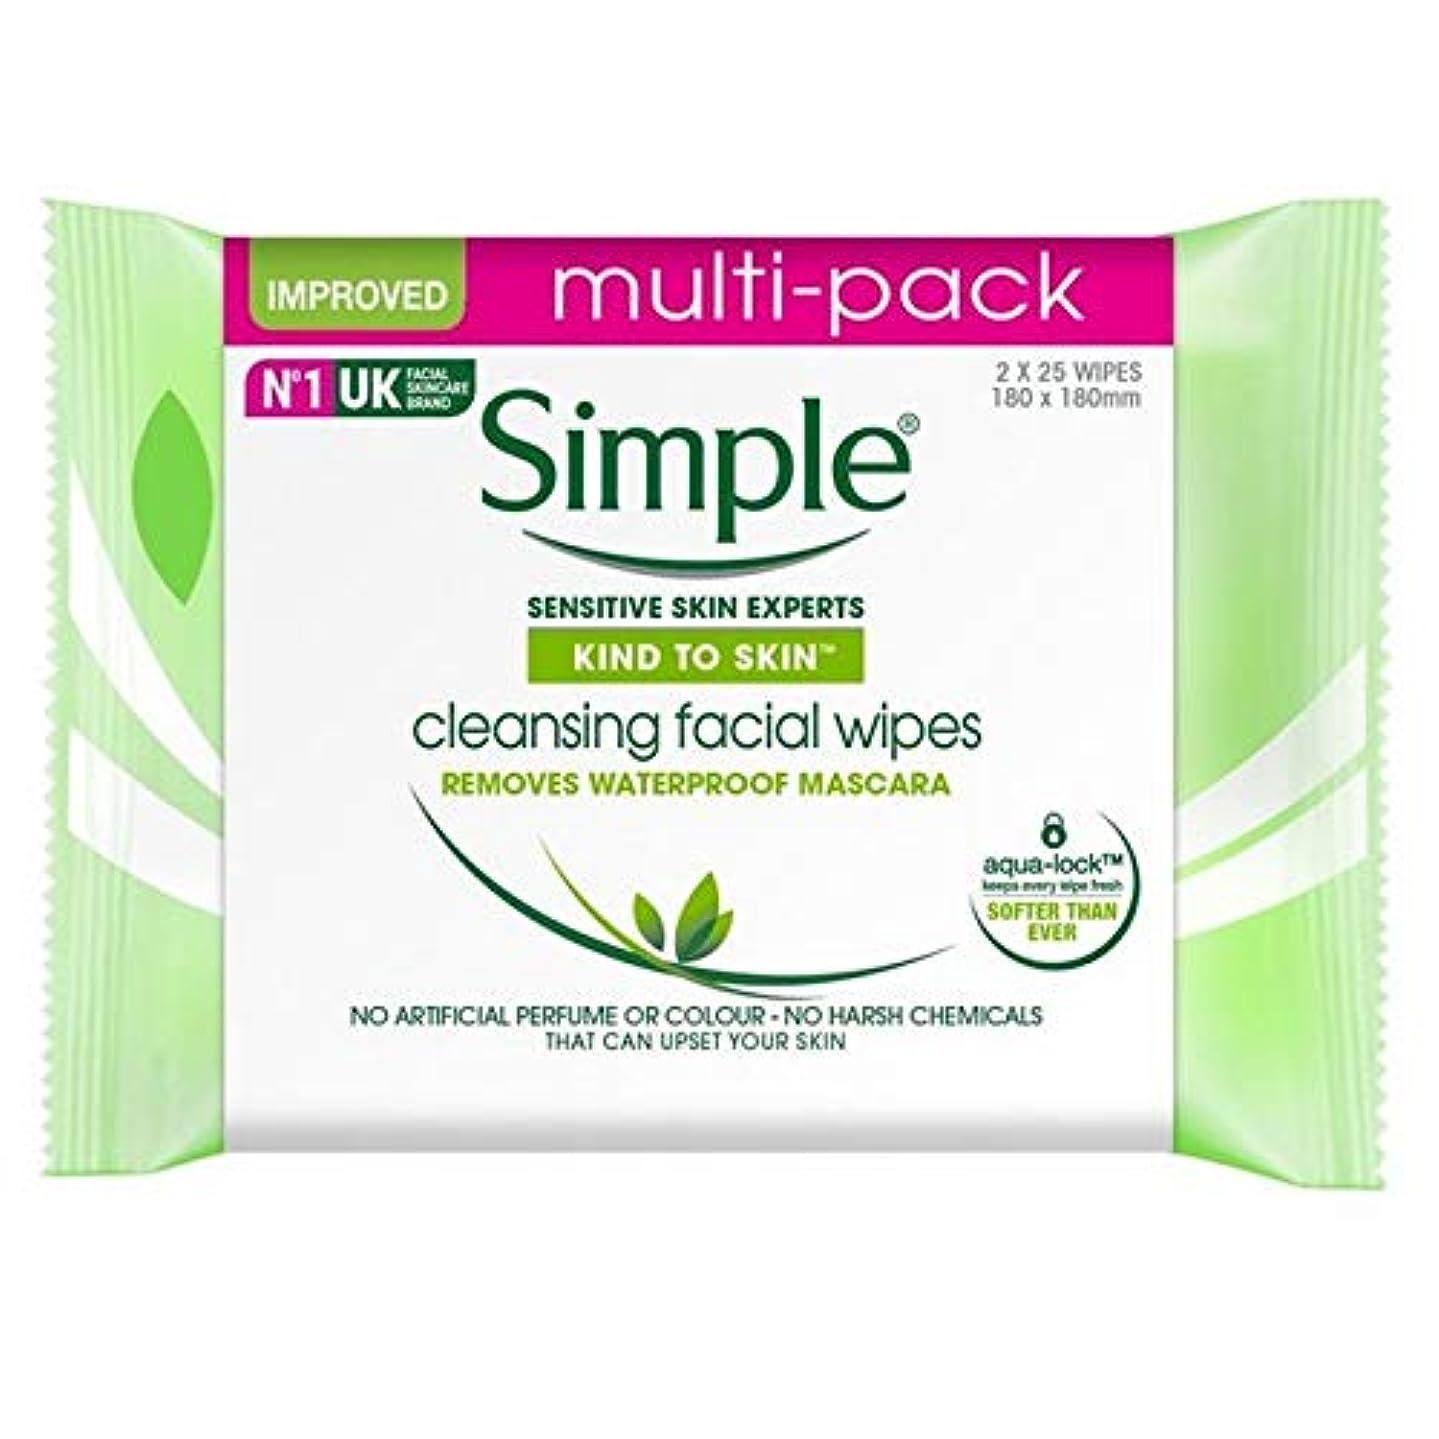 フルーツ野菜翻訳者帆[Simple ] 肌のクレンジングフェイシャルワイプ2×25パックあたりに簡単な種類 - Simple Kind To Skin Cleansing Facial Wipes 2 x 25 per pack [並行輸入品]